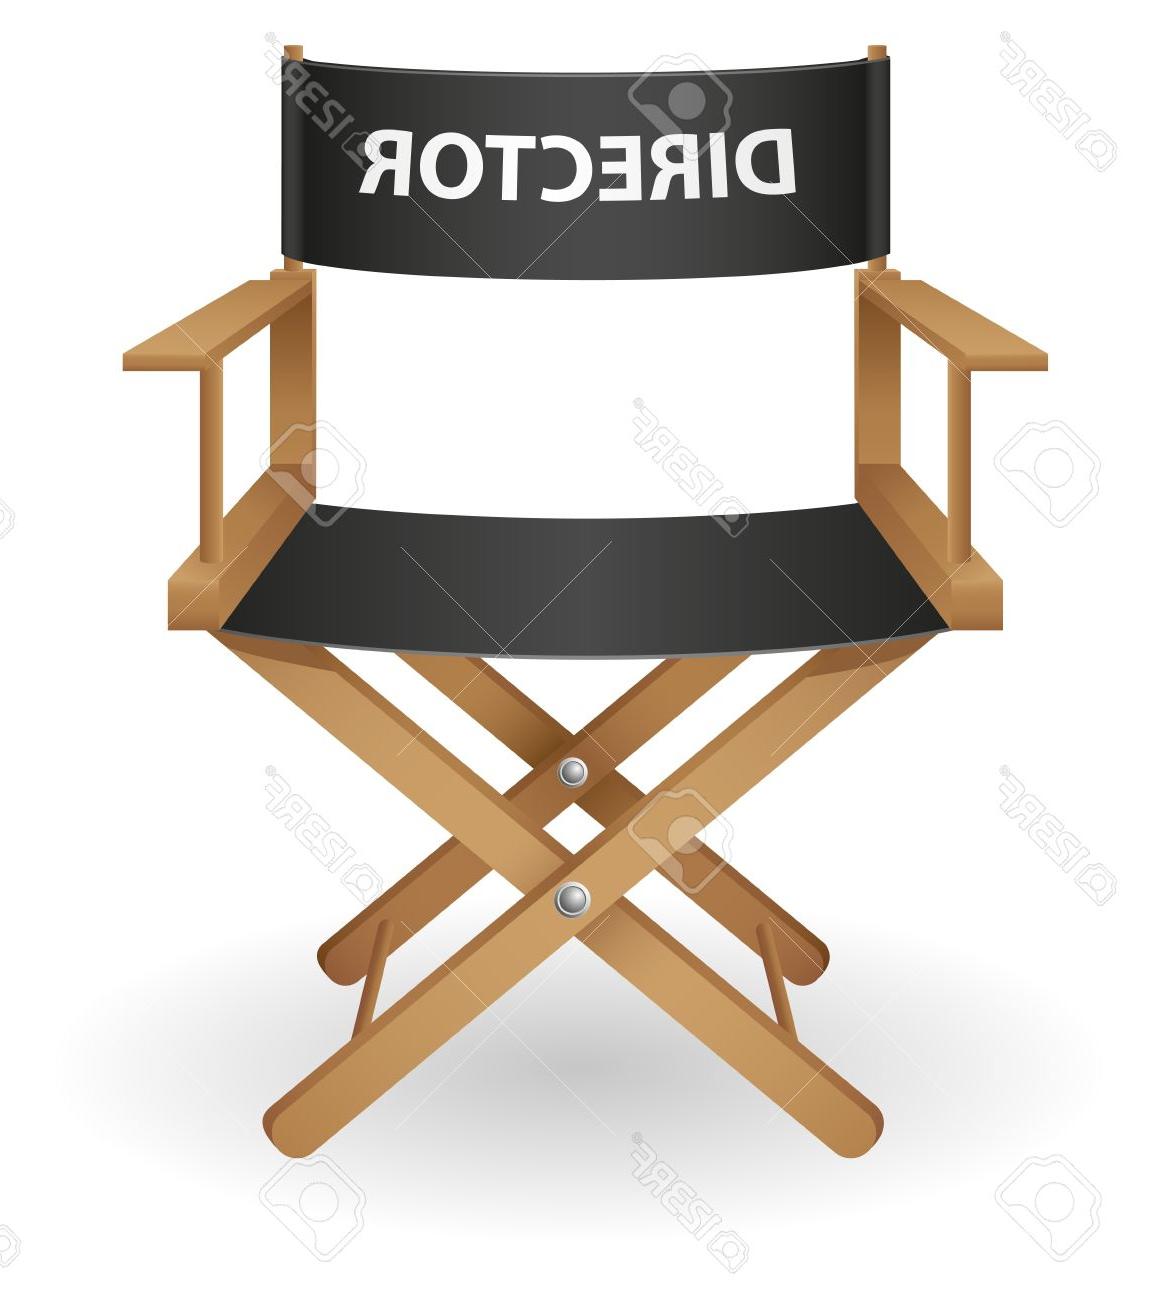 Silla De Director Ftd8 El Director De Cine Silla Ilustracià N Vectorial Aislados En Fondo